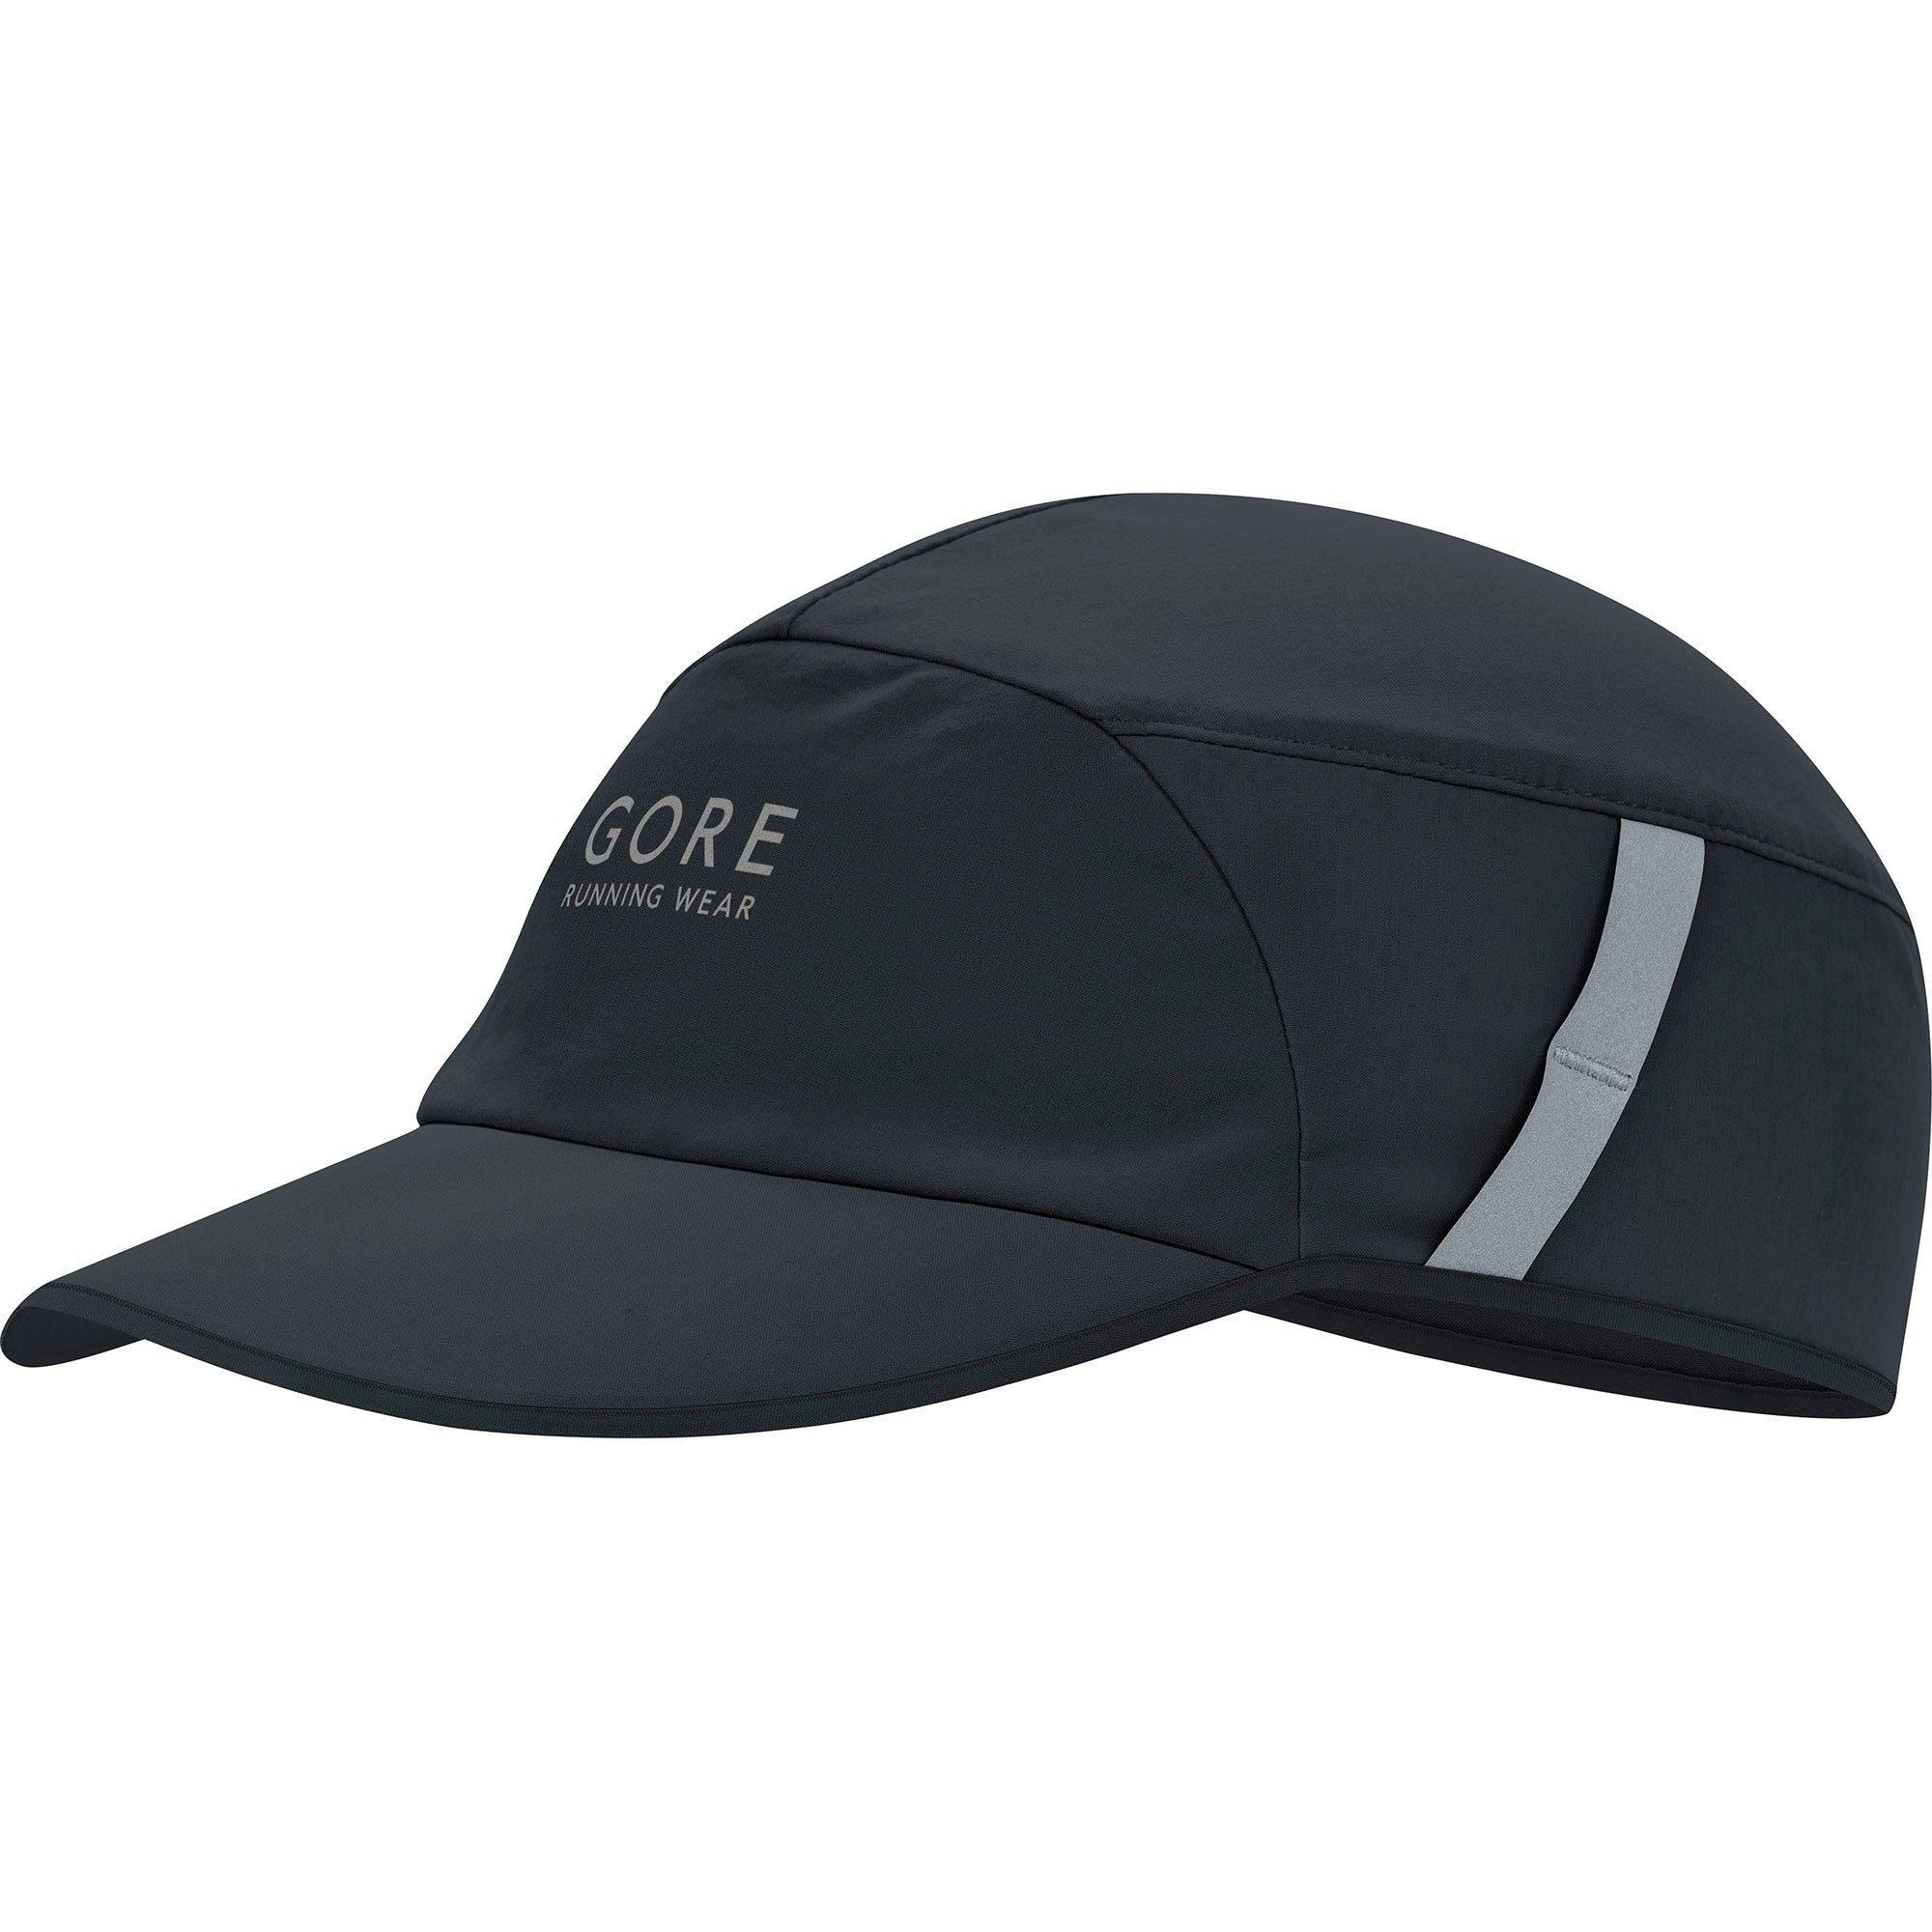 GORE RUNNING WEAR Hut »Essential Light Cap«